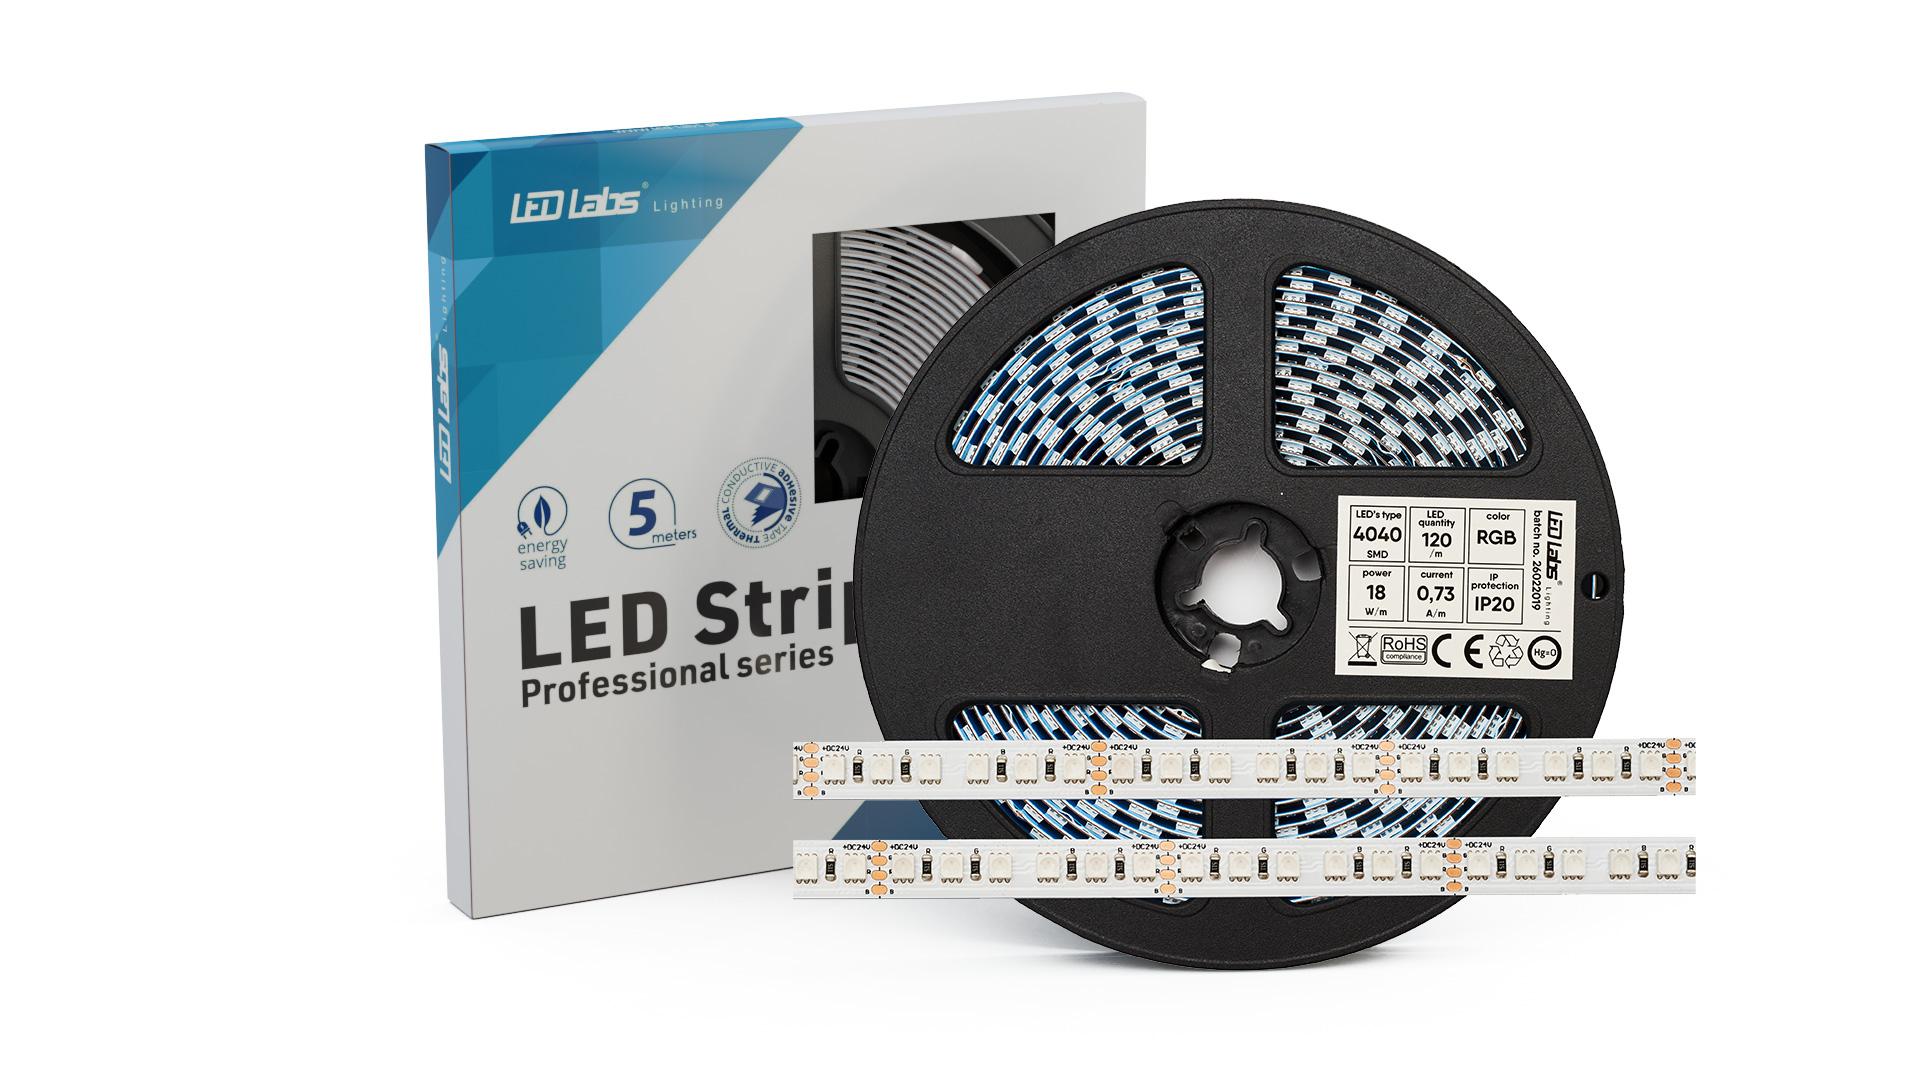 Taśma PRO 3Y 24V 600 LED 4040 SMD 18W RGB